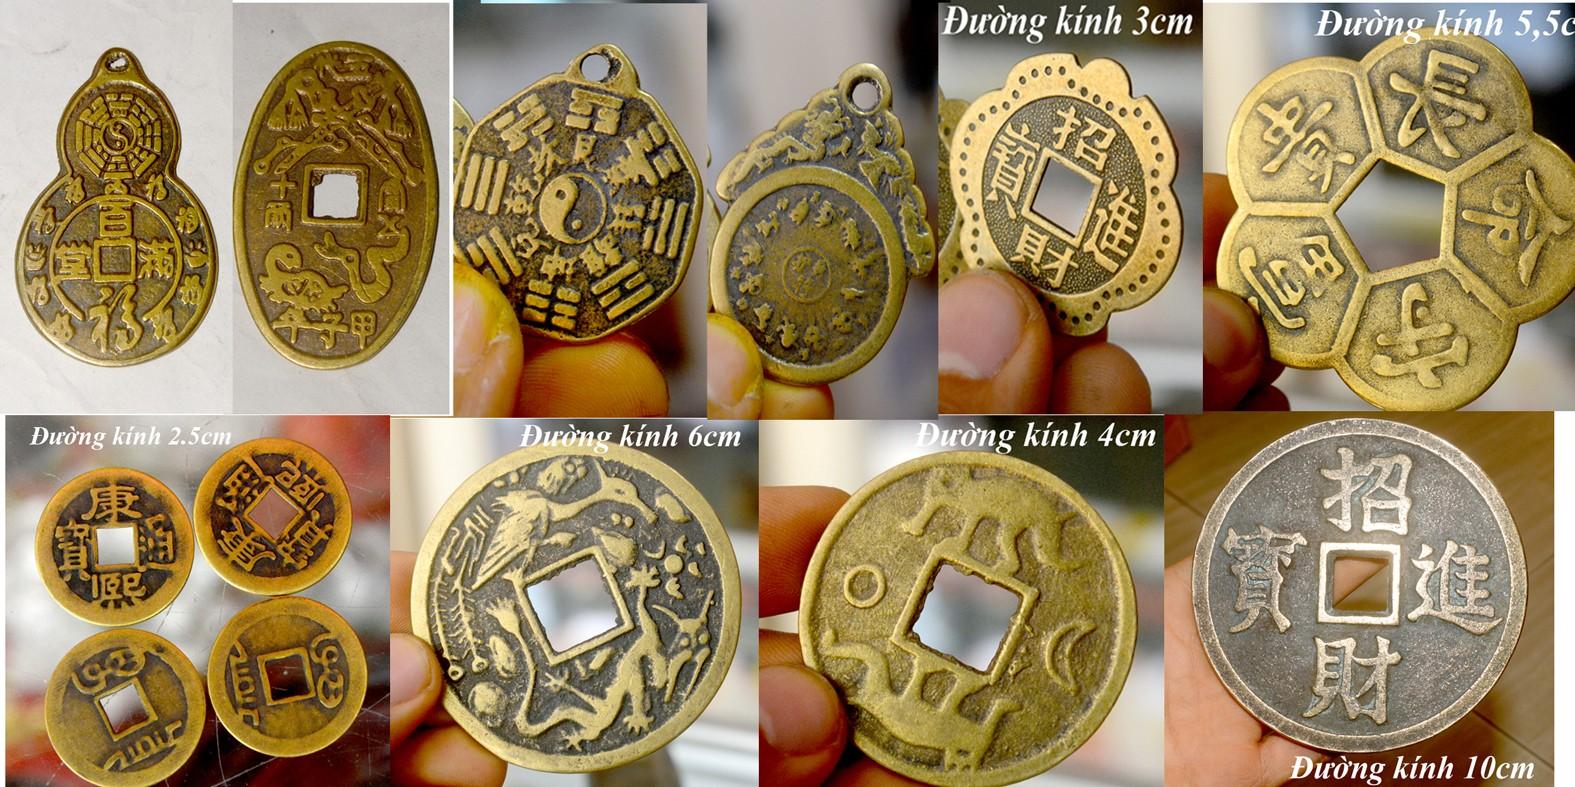 Đồng tiền xu cổ phong thủy bằng đồng cỡ lớn-Chiêu tài lộc may mắn, giá tốt  nhất 220,000đ! Mua nhanh tay!   Bigomart.Info